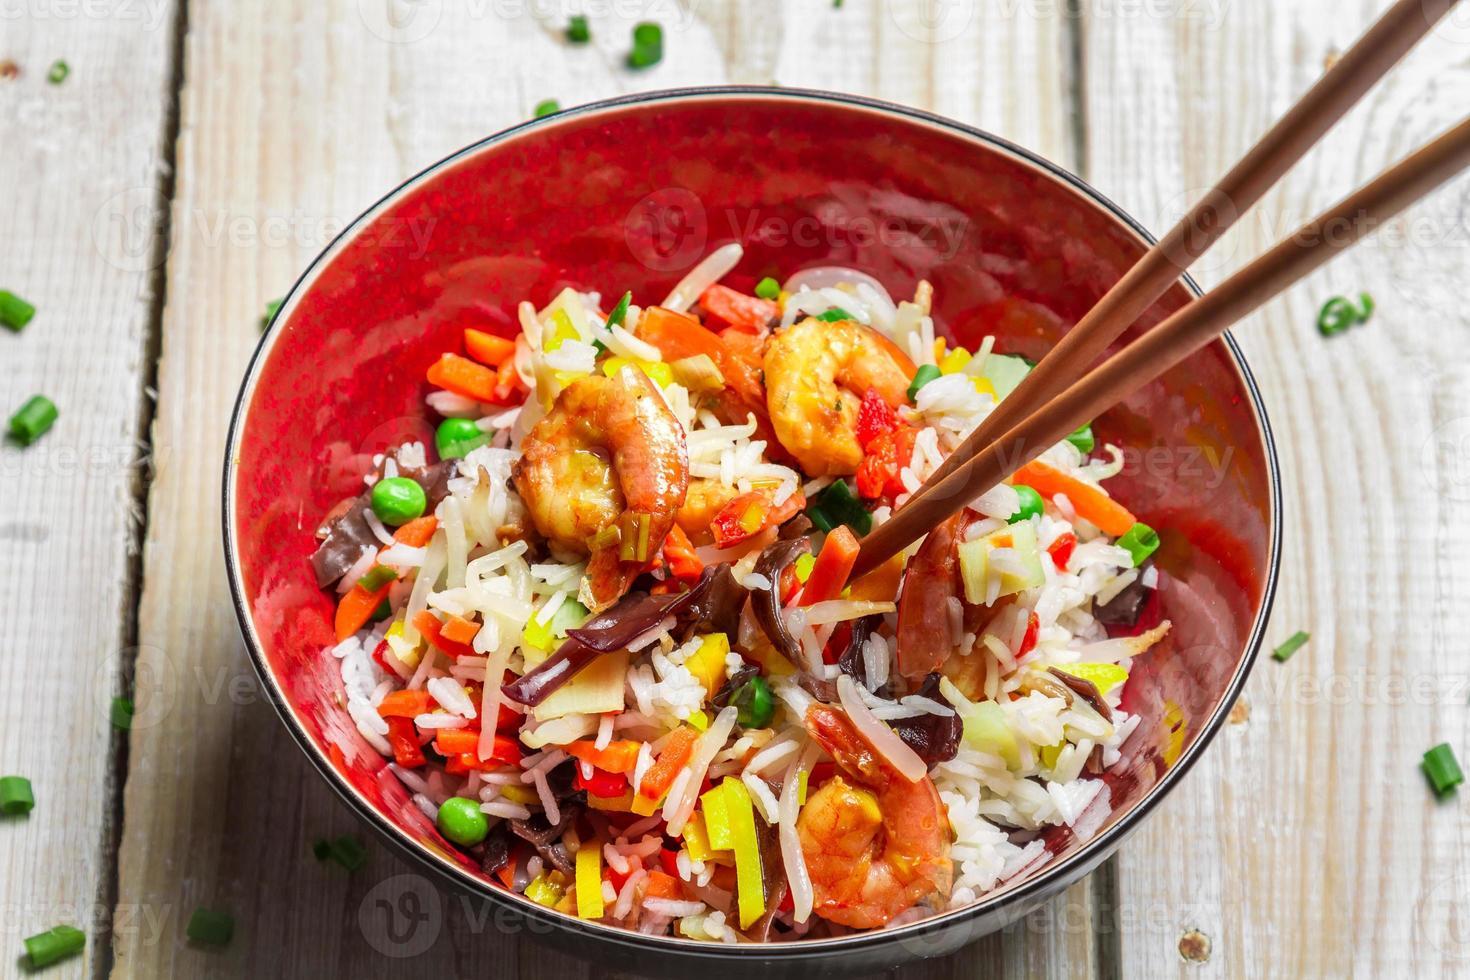 mezcla china de verduras y arroz foto